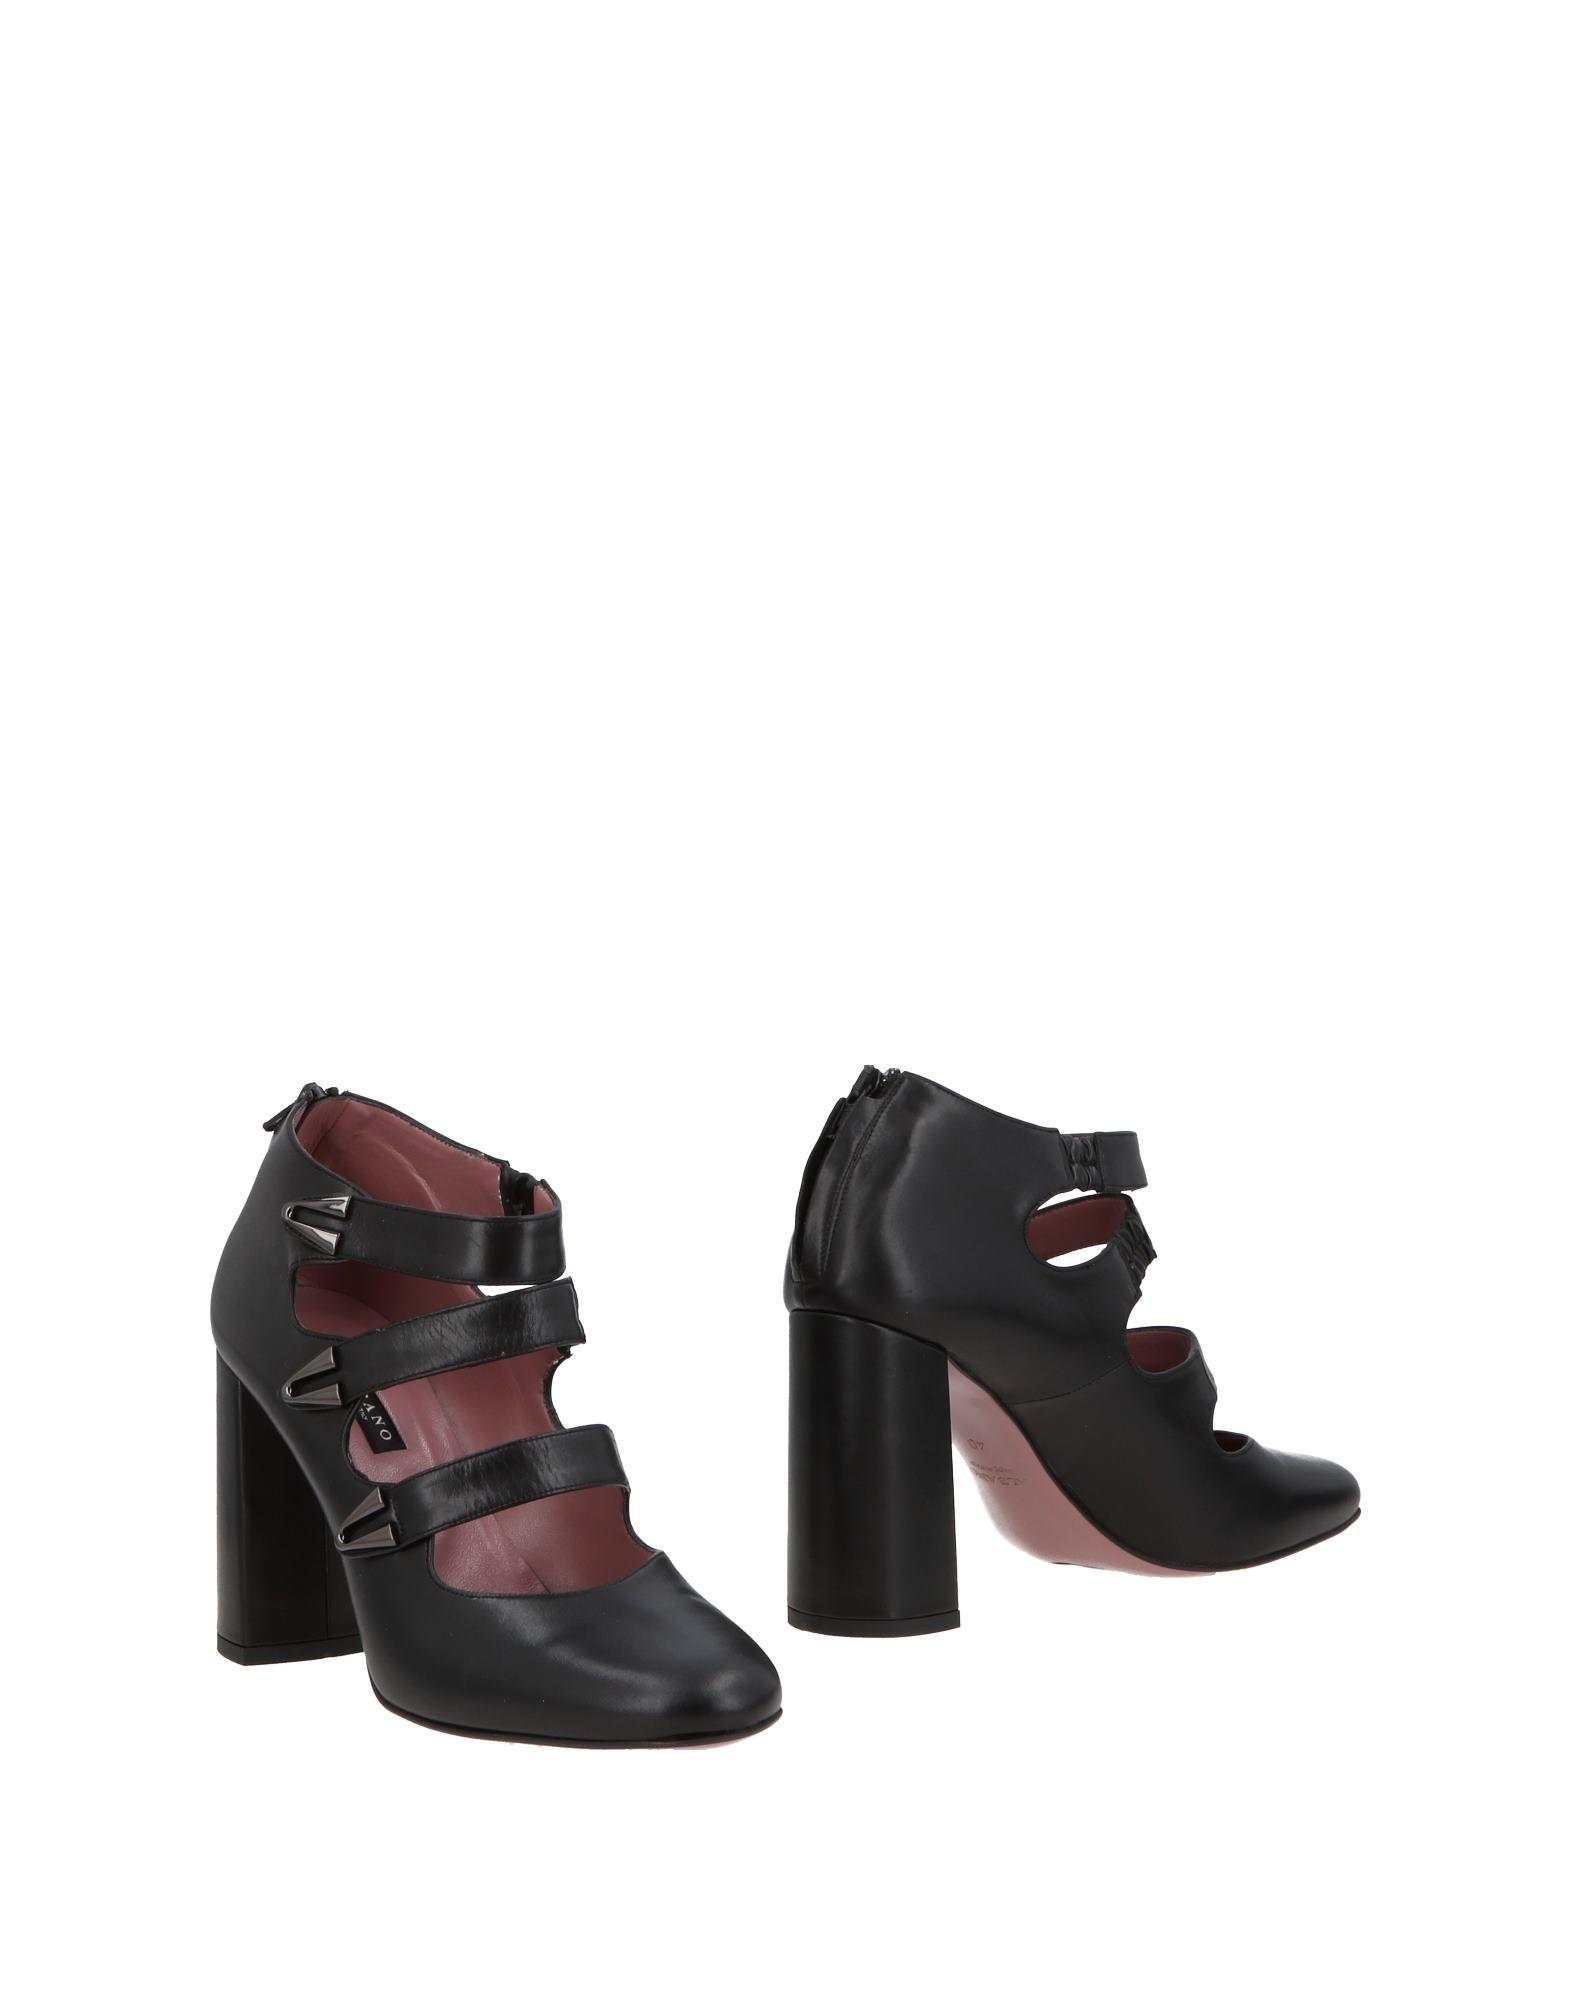 ALBANO Ботинки ботинки из кожи 26 39